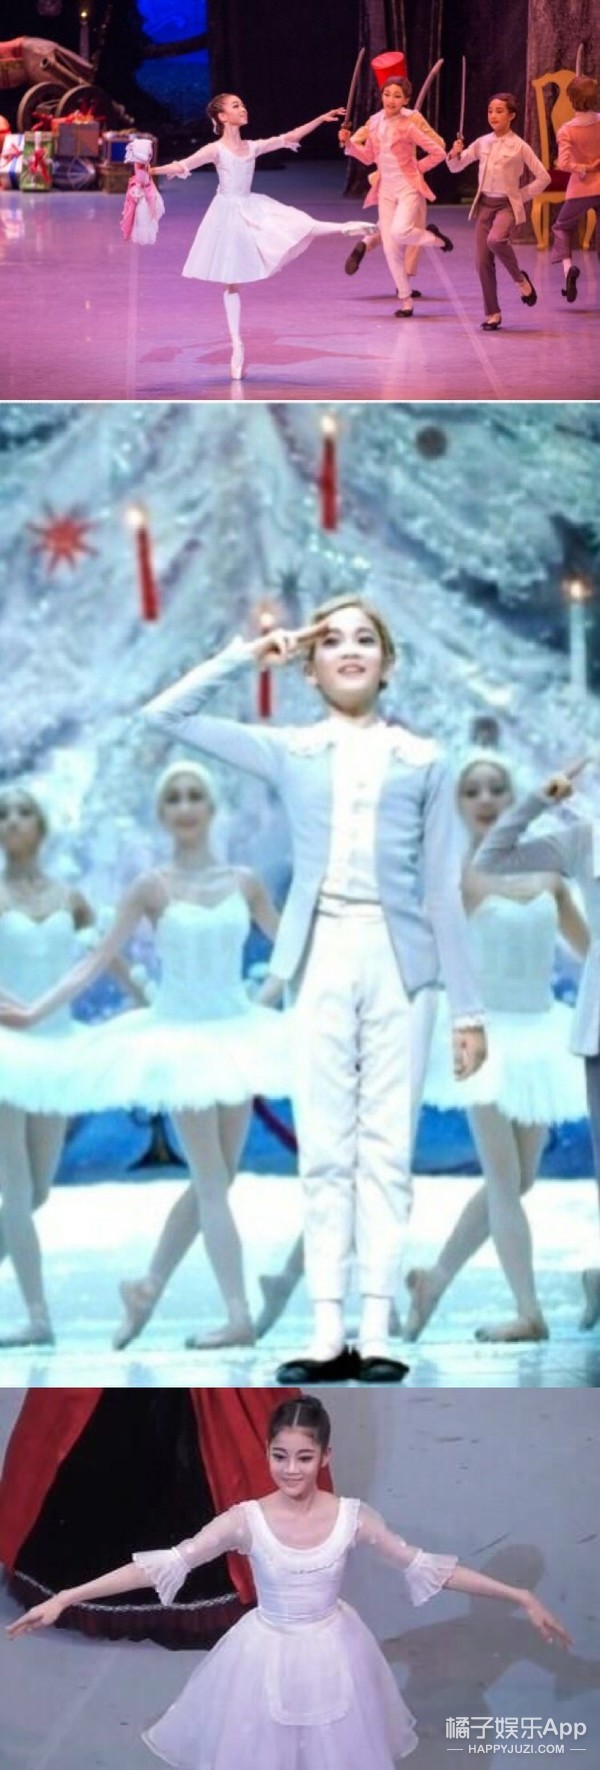 电视剧里的财阀小公主原来都是真的...